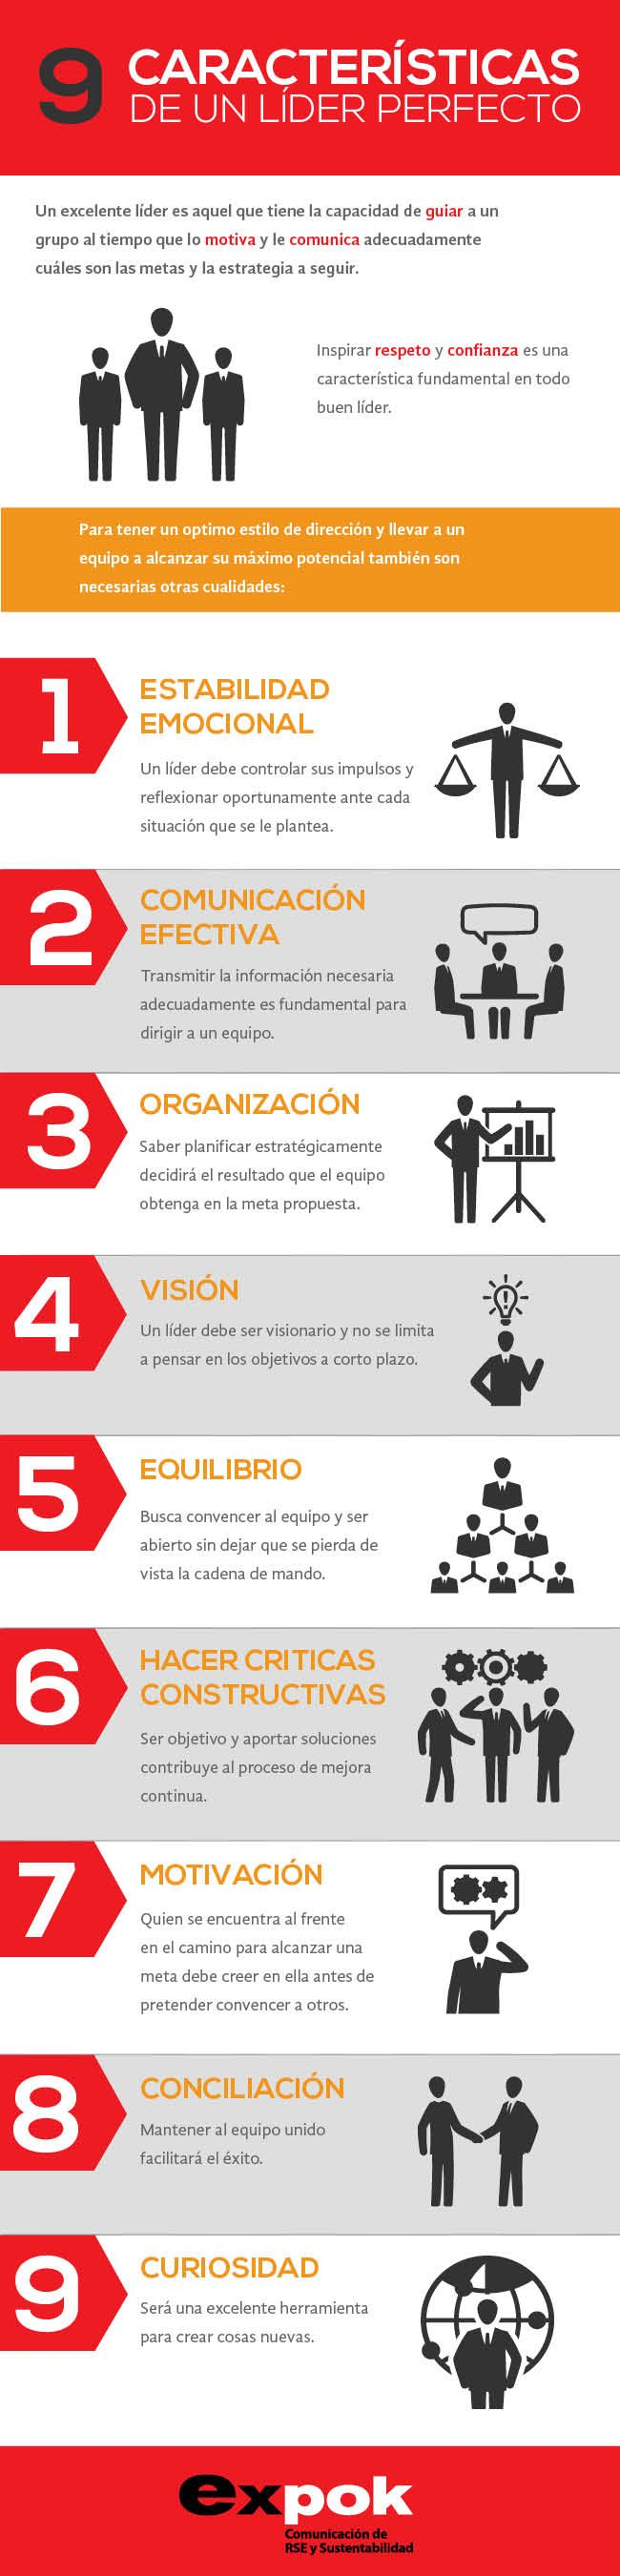 9 características de un líder perfecto vía: http://www.expoknews.com #infografia #infographic #leadership